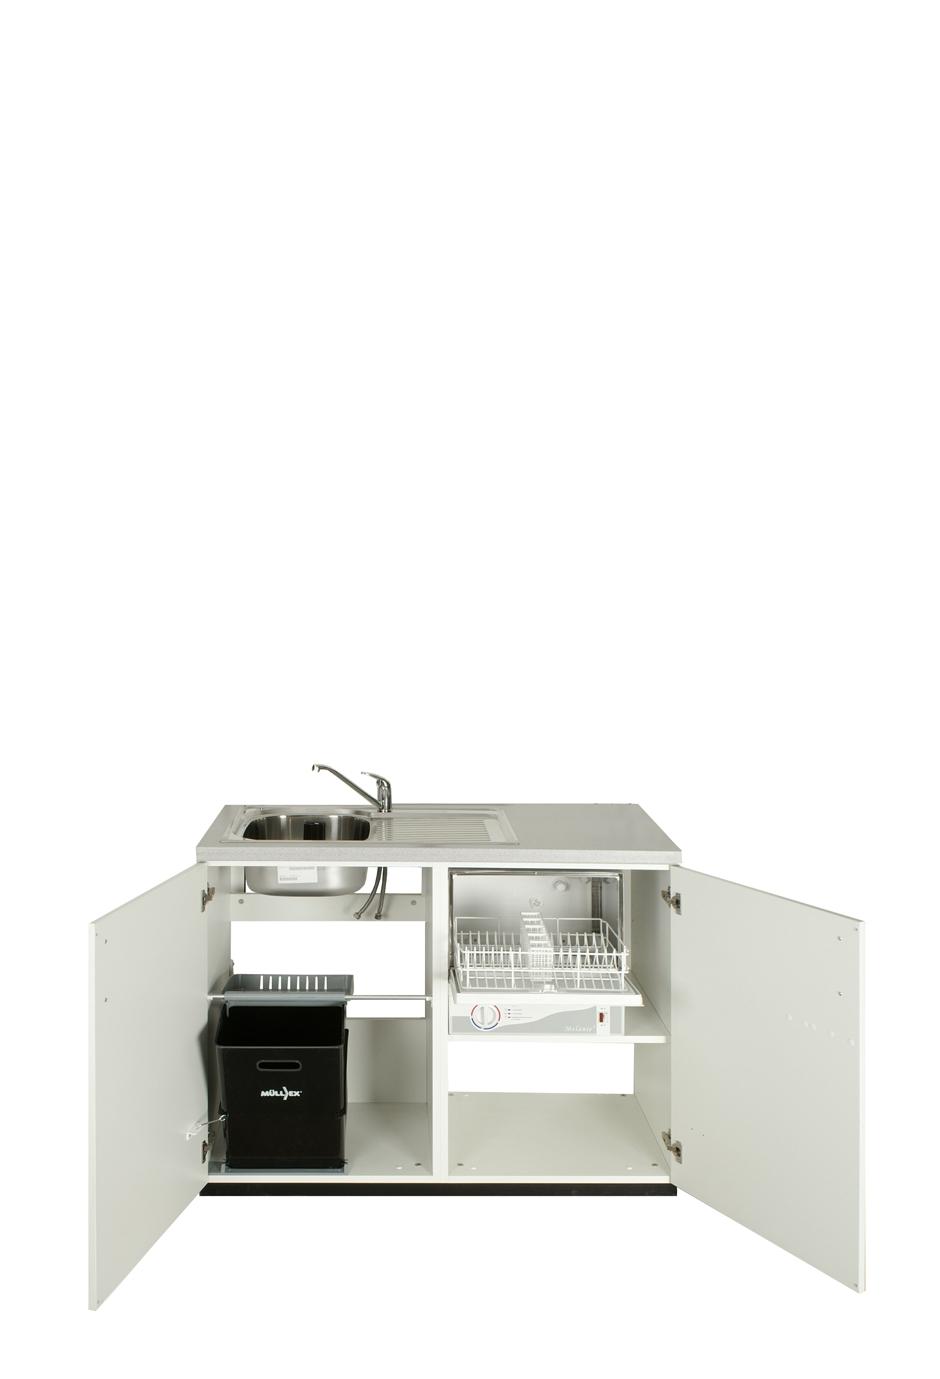 Full Size of Schrankküchen Mit Rolladen Adiro Minikchensysteme Finiswiss Gmbh Ikea Sofa Schlaffunktion Fenster Nachträglich Einbauen Esstisch Stühlen Bett 160x200 Wohnzimmer Schrankküchen Mit Rolladen